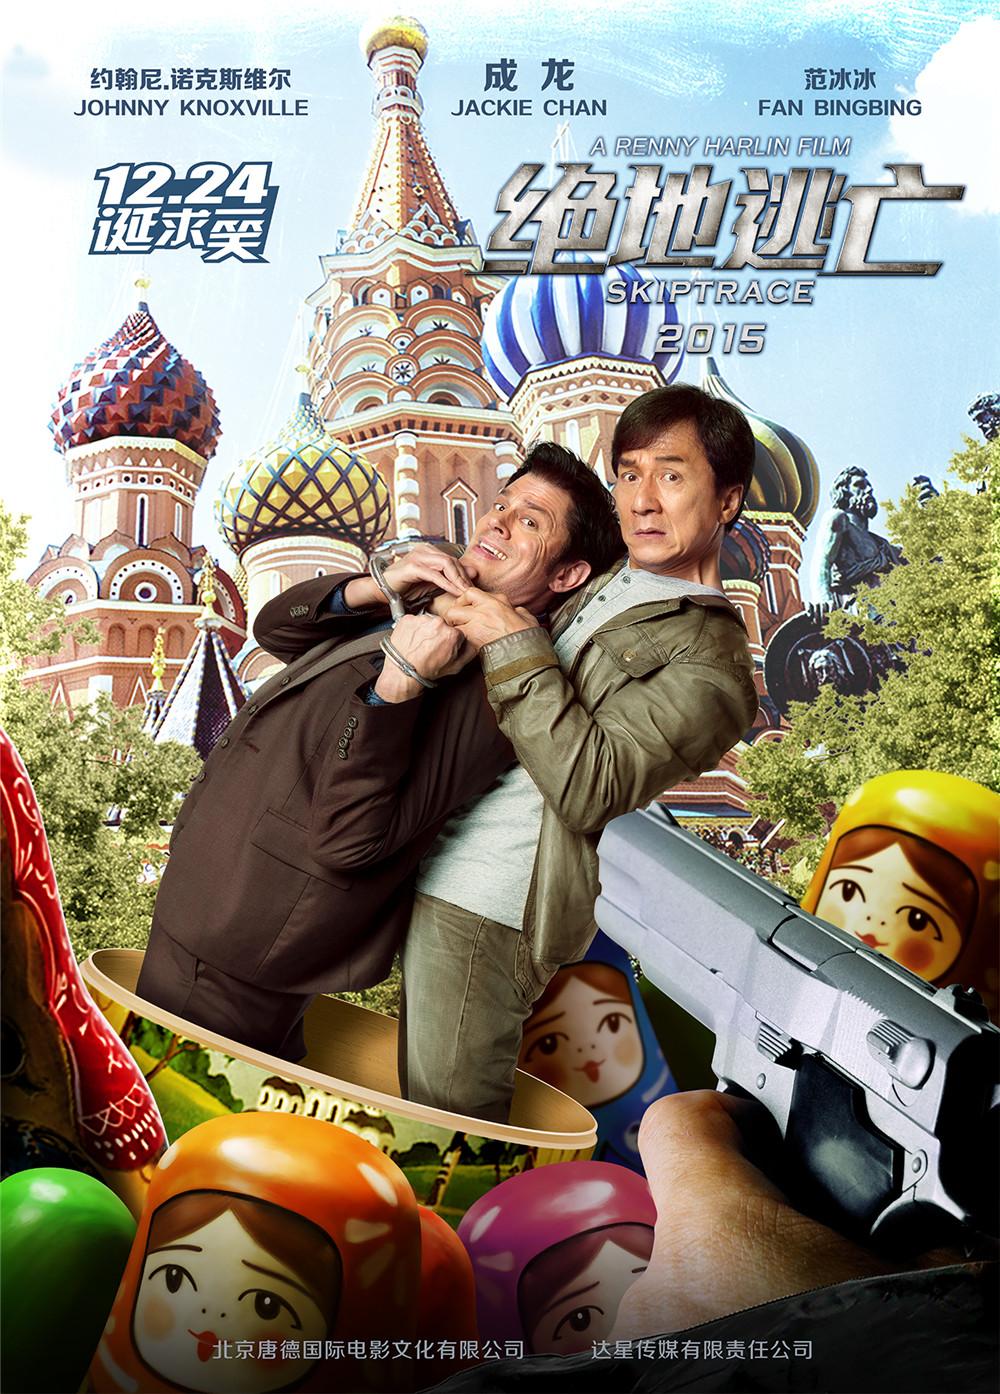 Джеки чан последний фильм 2016 сэмюэл л джексон роли в фильмах